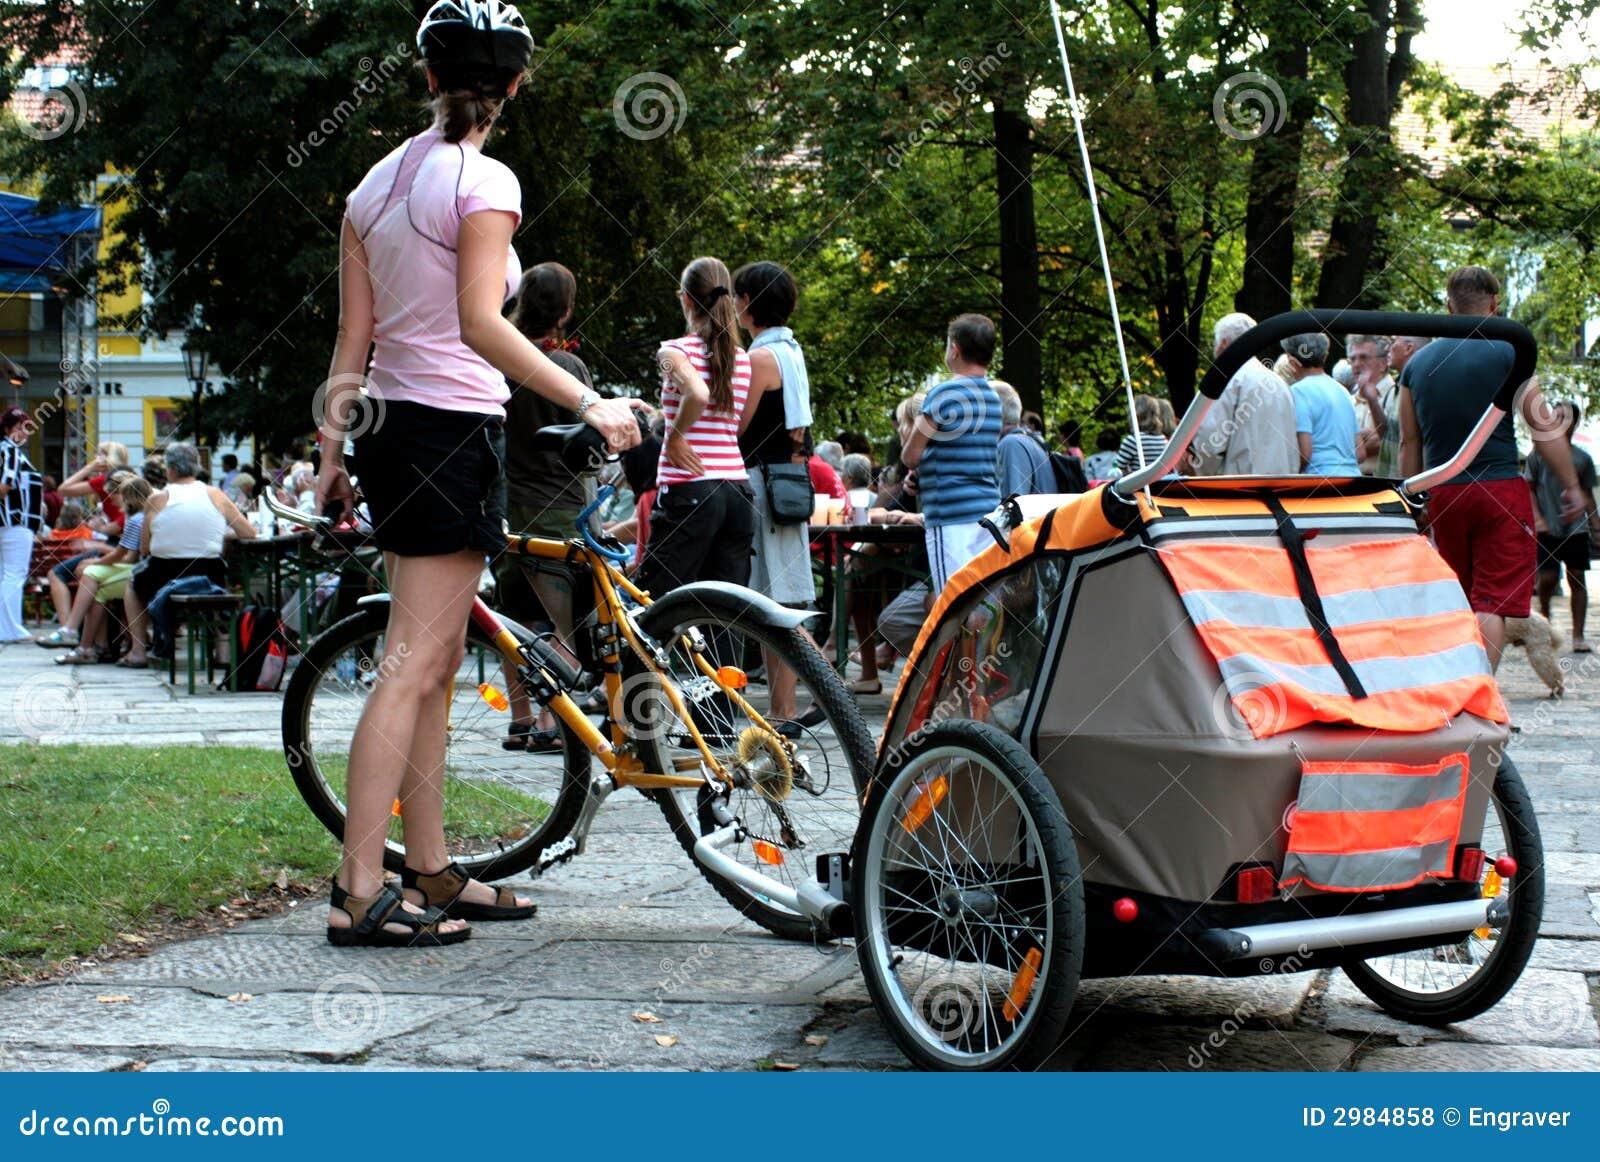 Motociclista-famílias